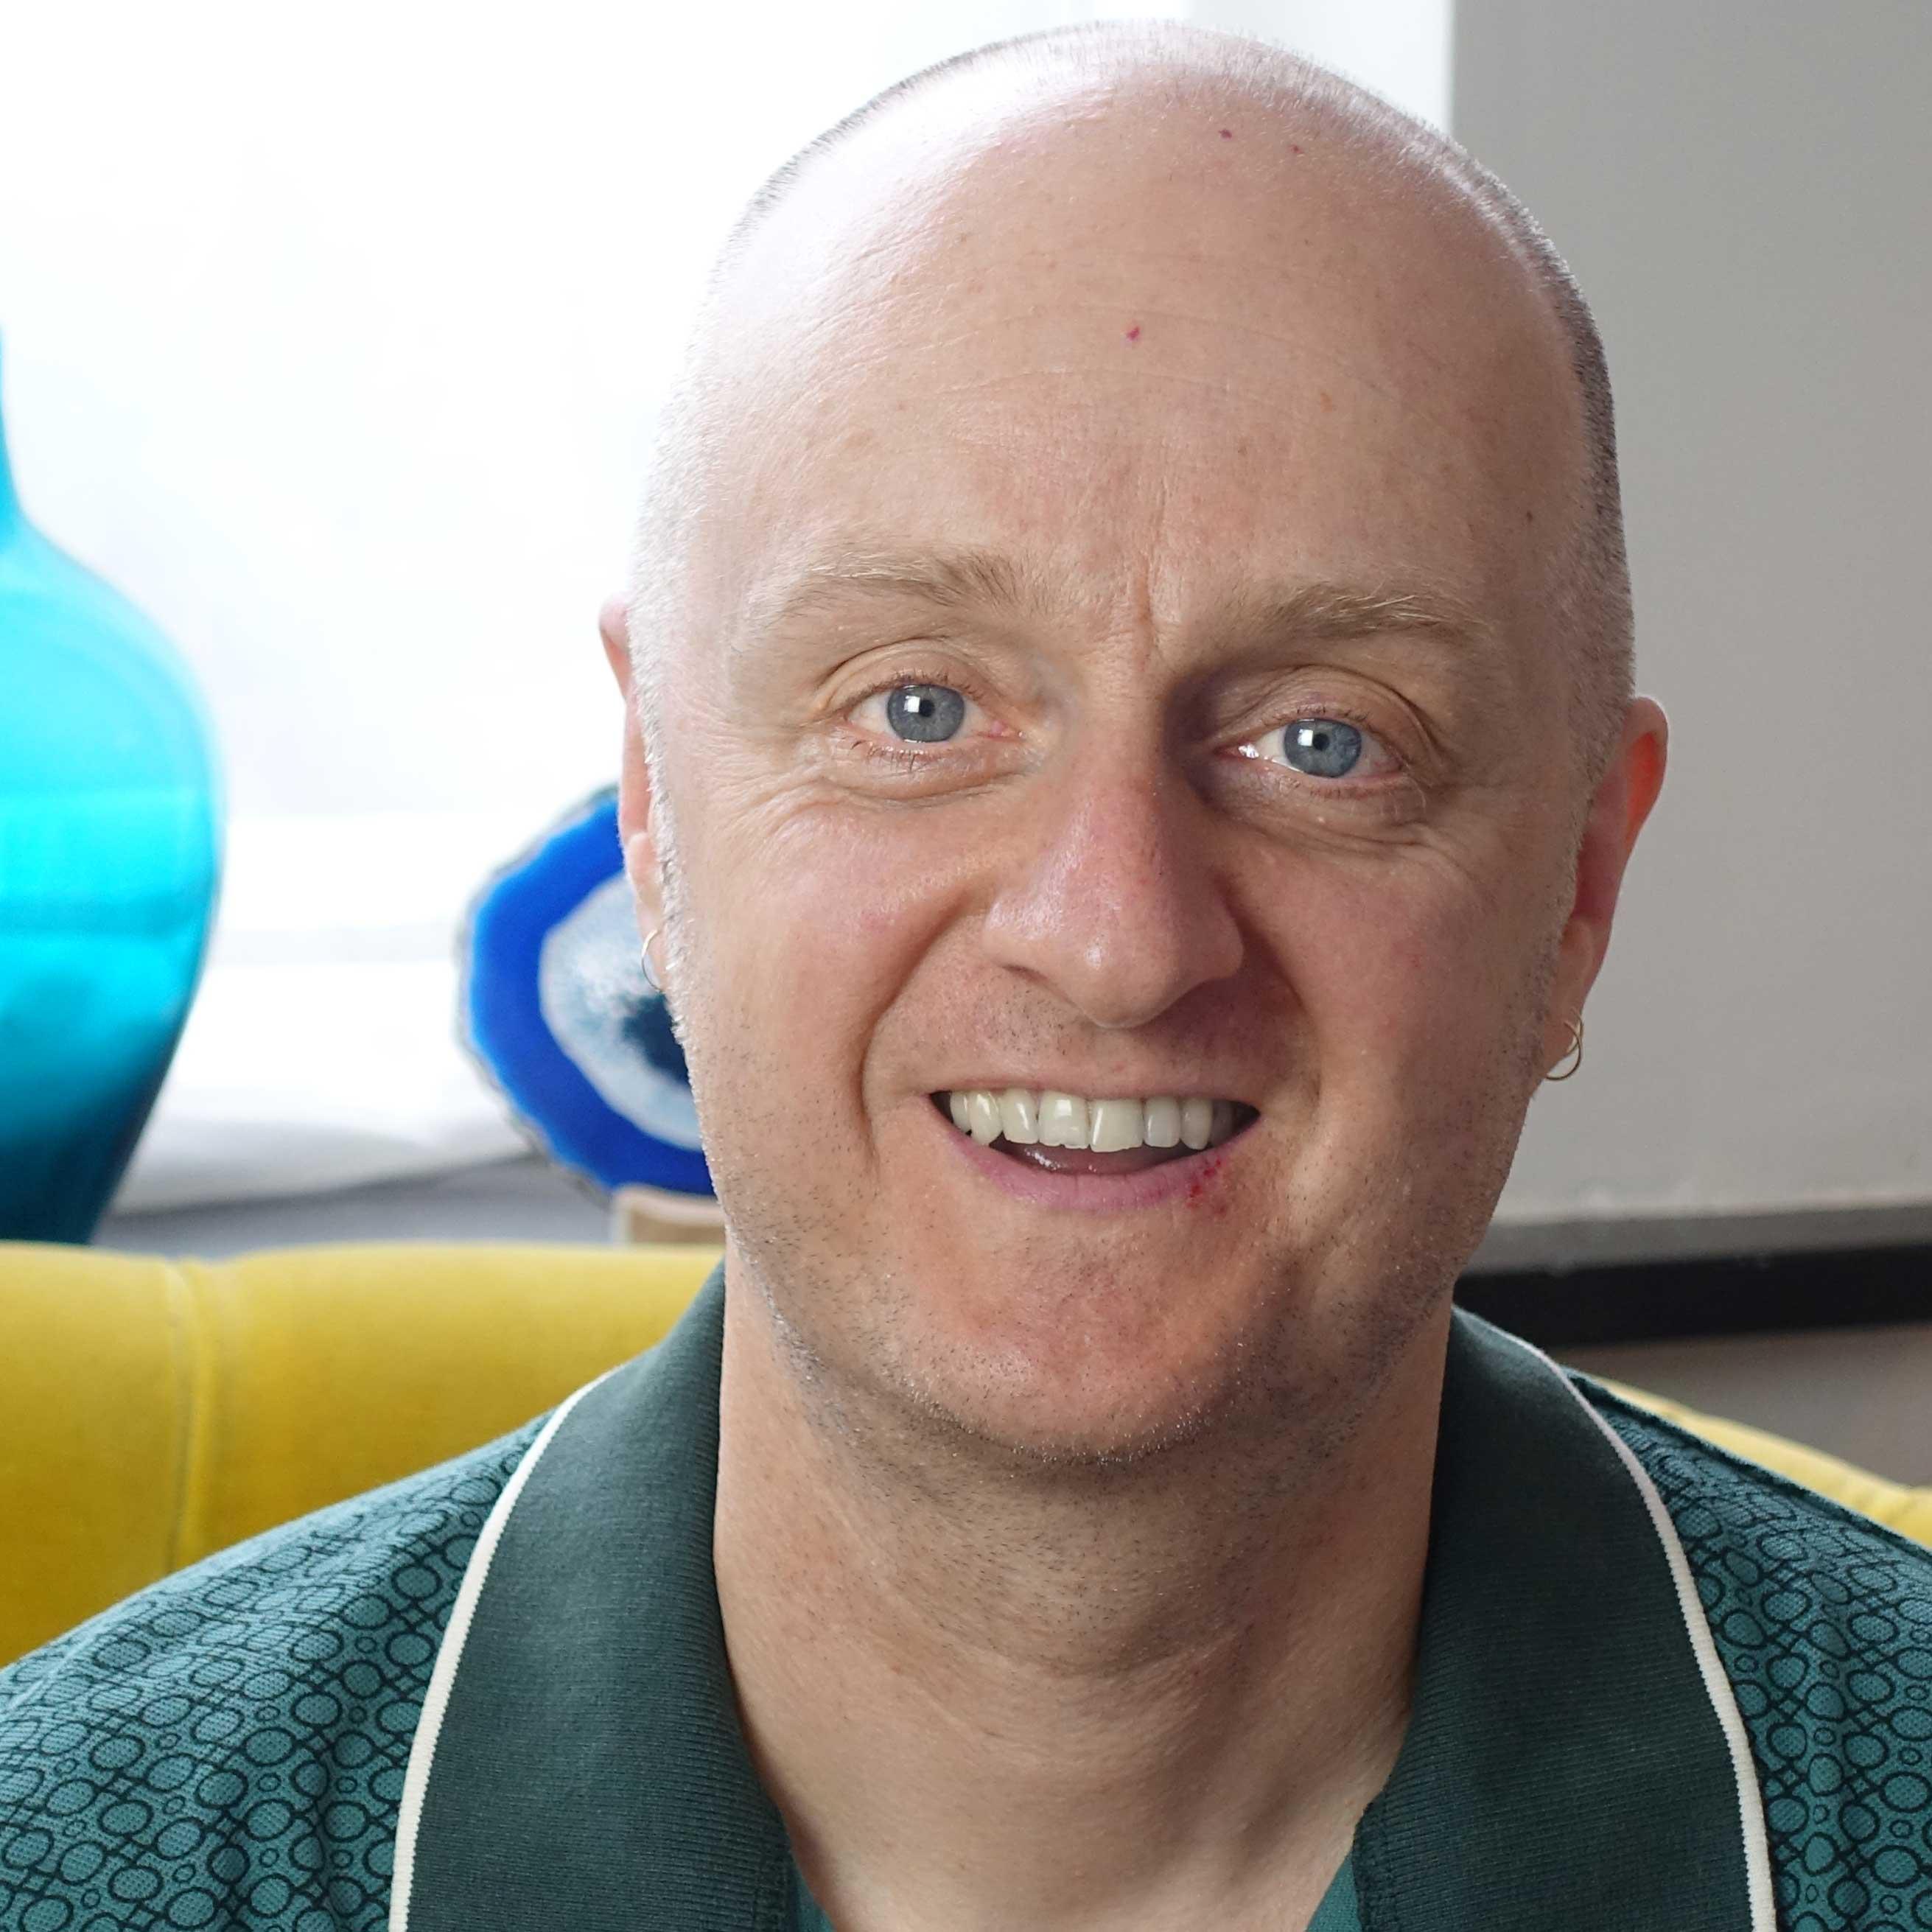 Nicola Zannoni